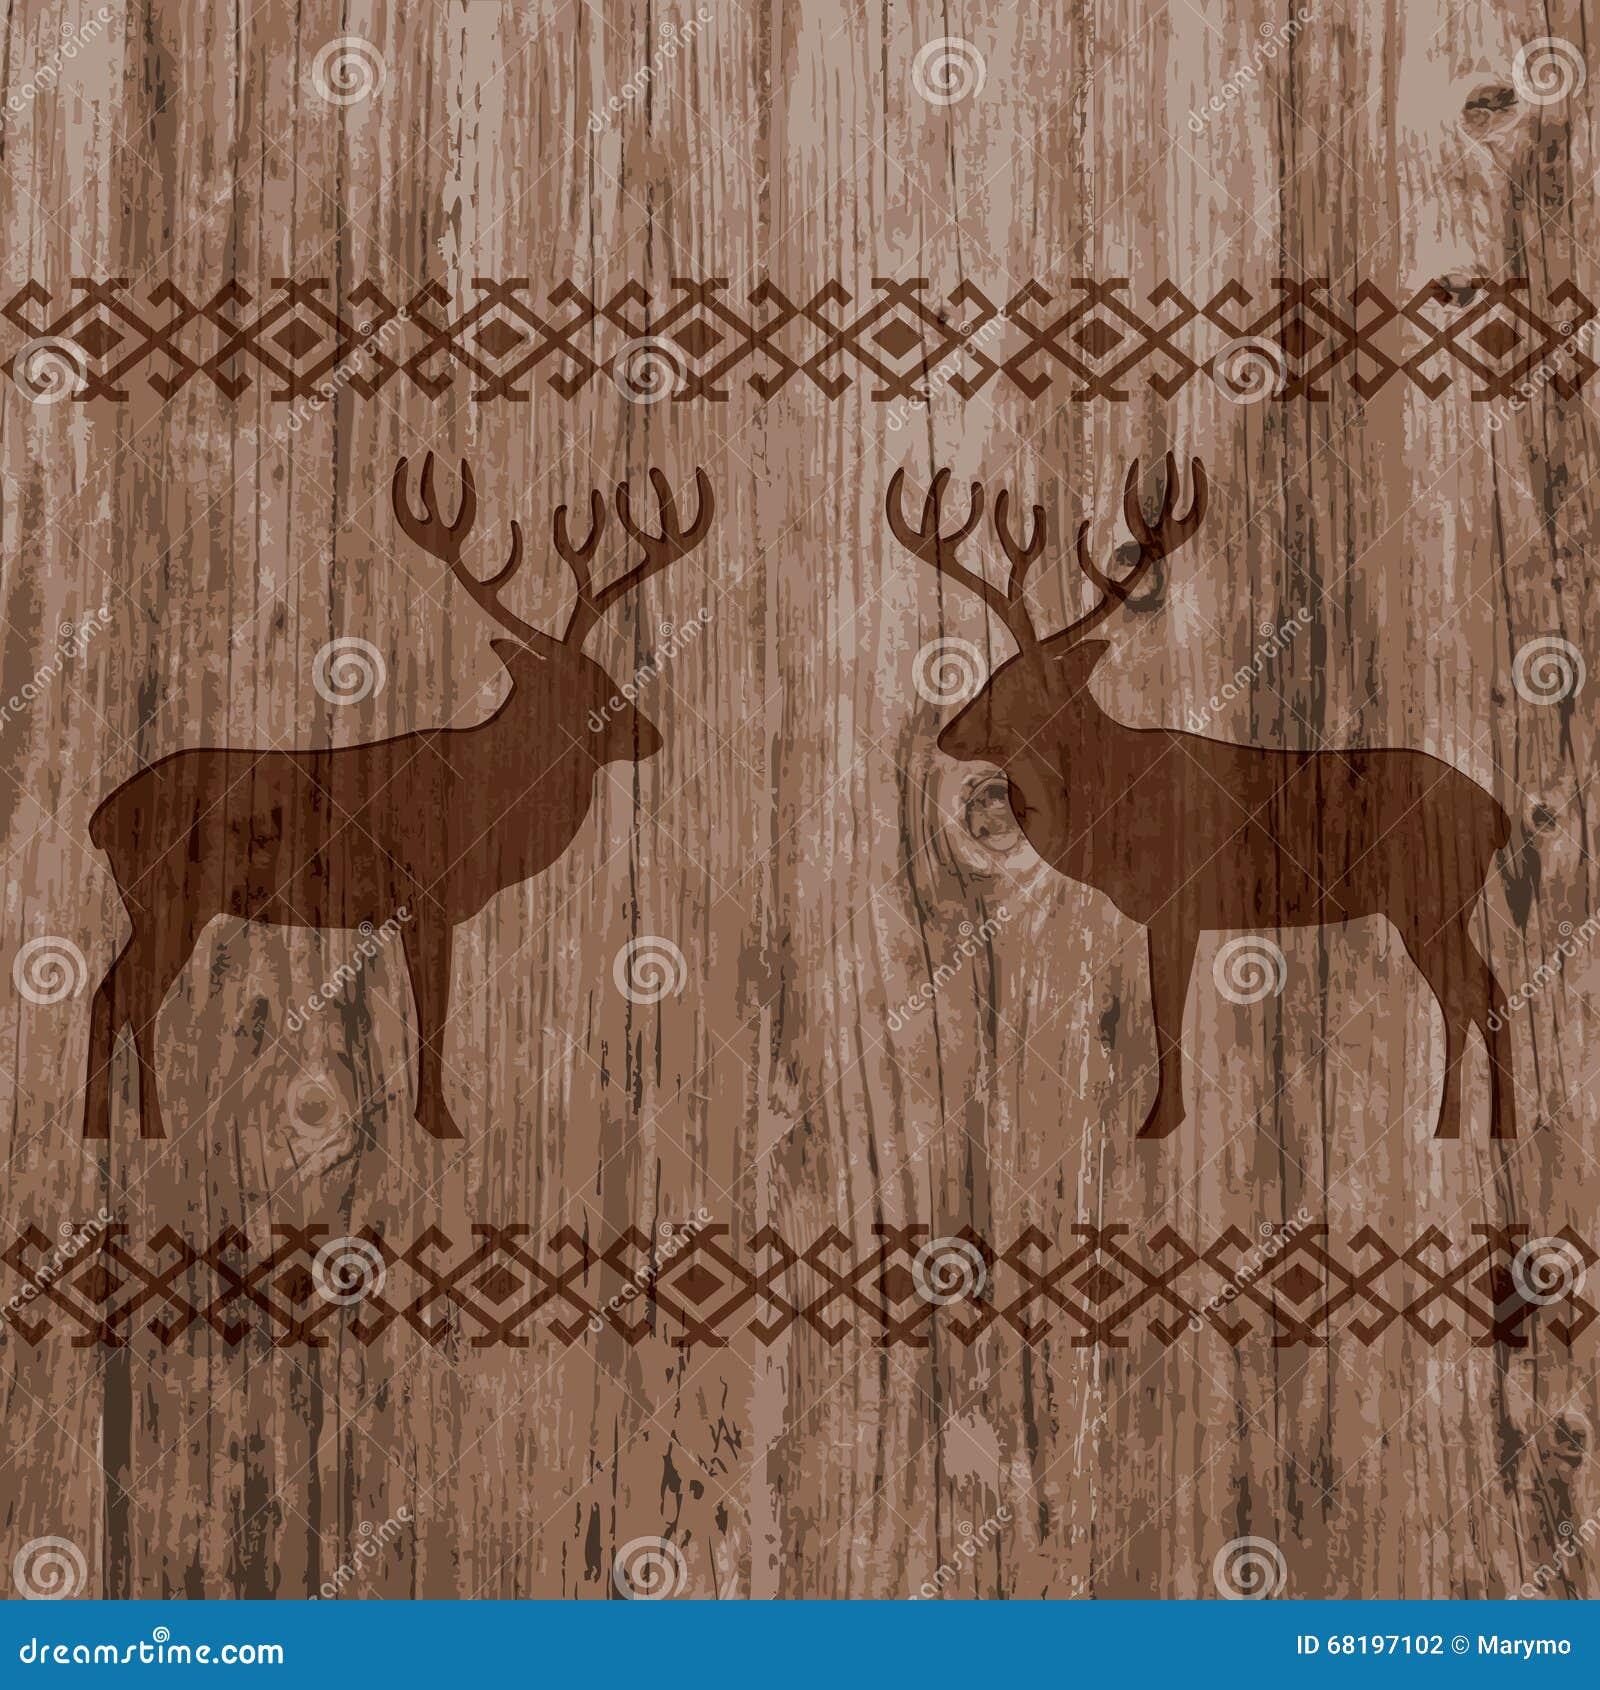 Этническая нордическая картина границ с оленями на реалистической естественной деревянной предпосылке текстуры